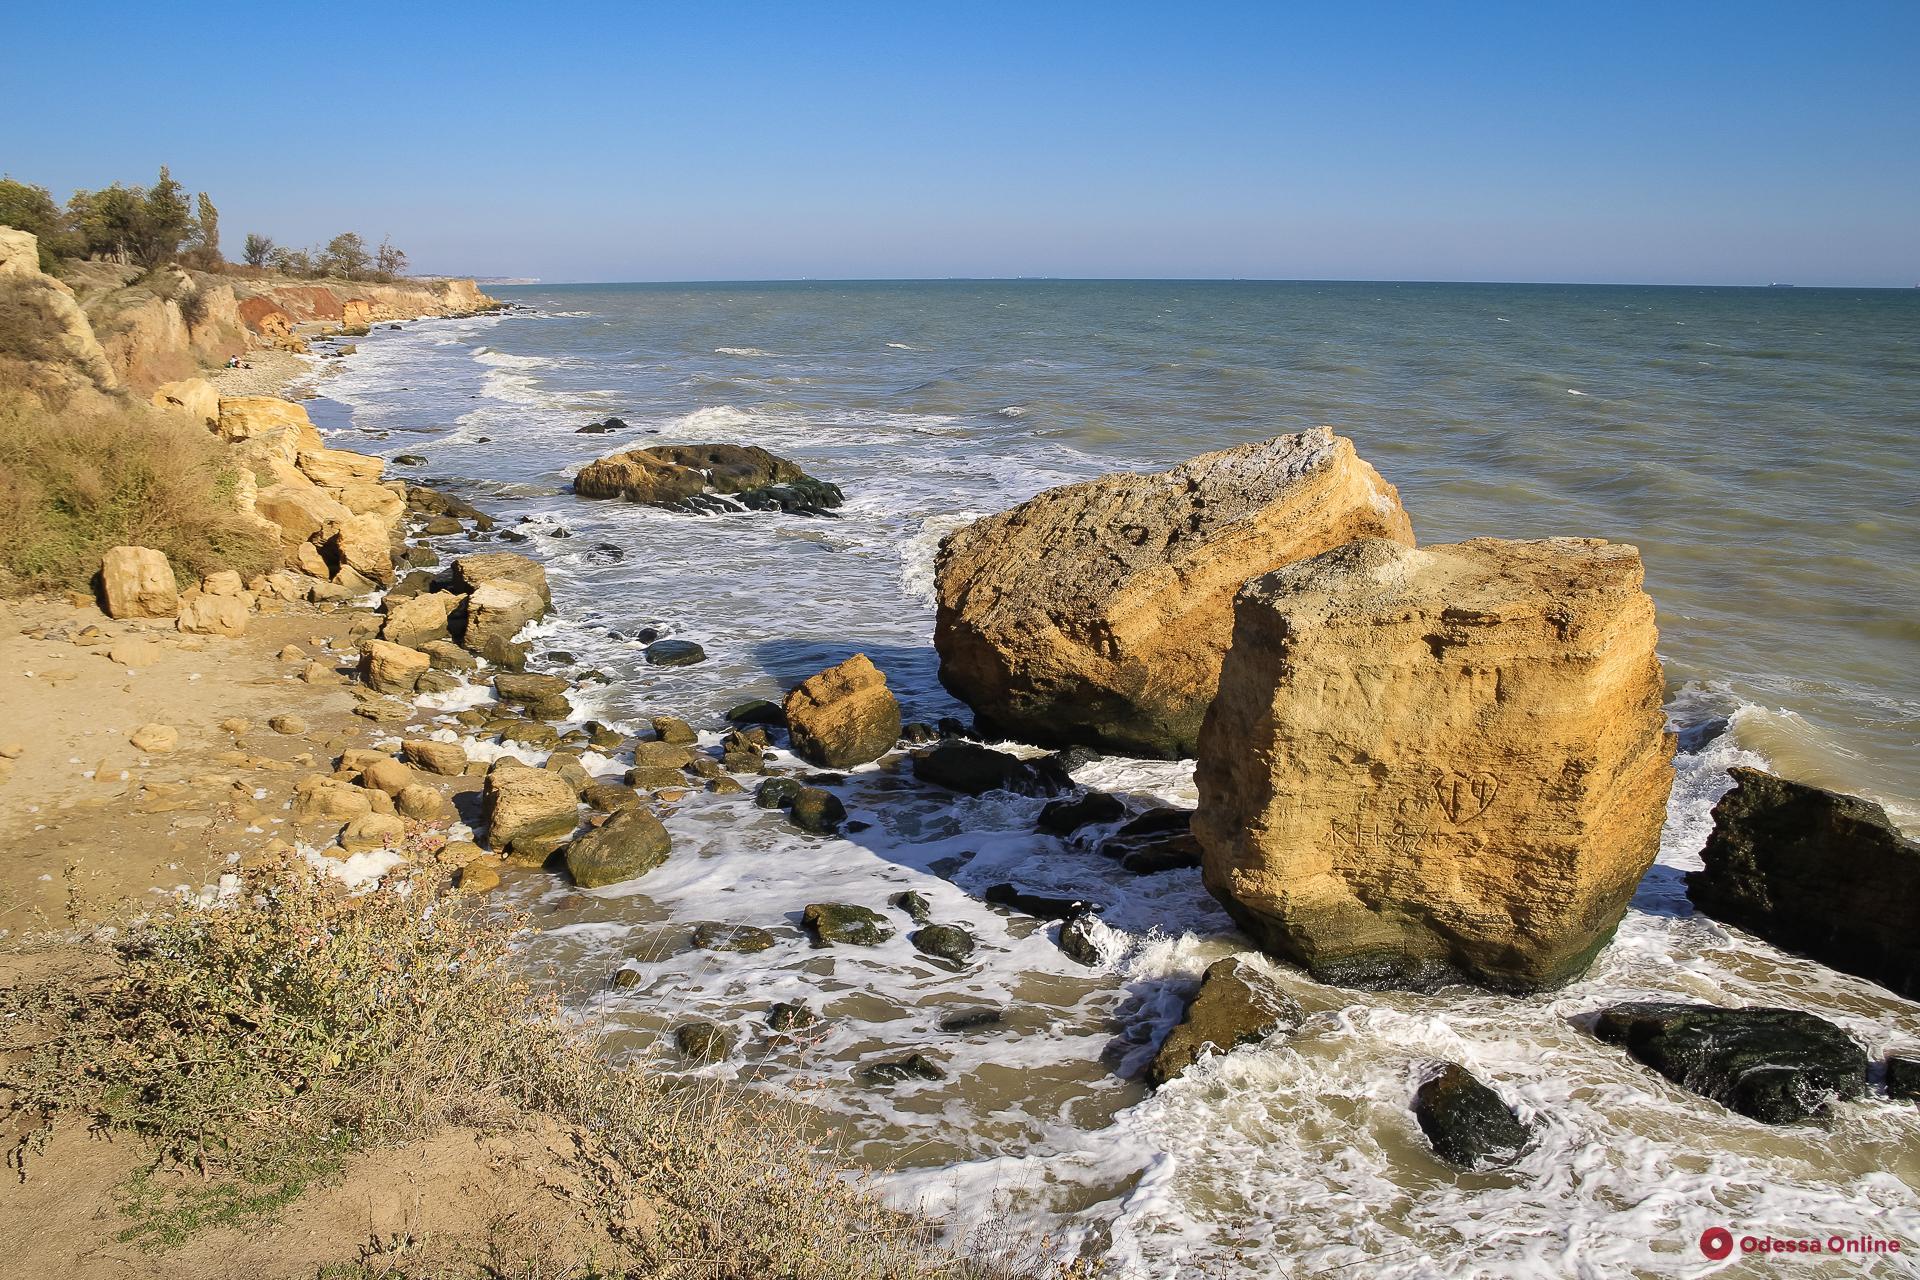 Опасные склоны, рапаны и водопад: прогулка под Одессой